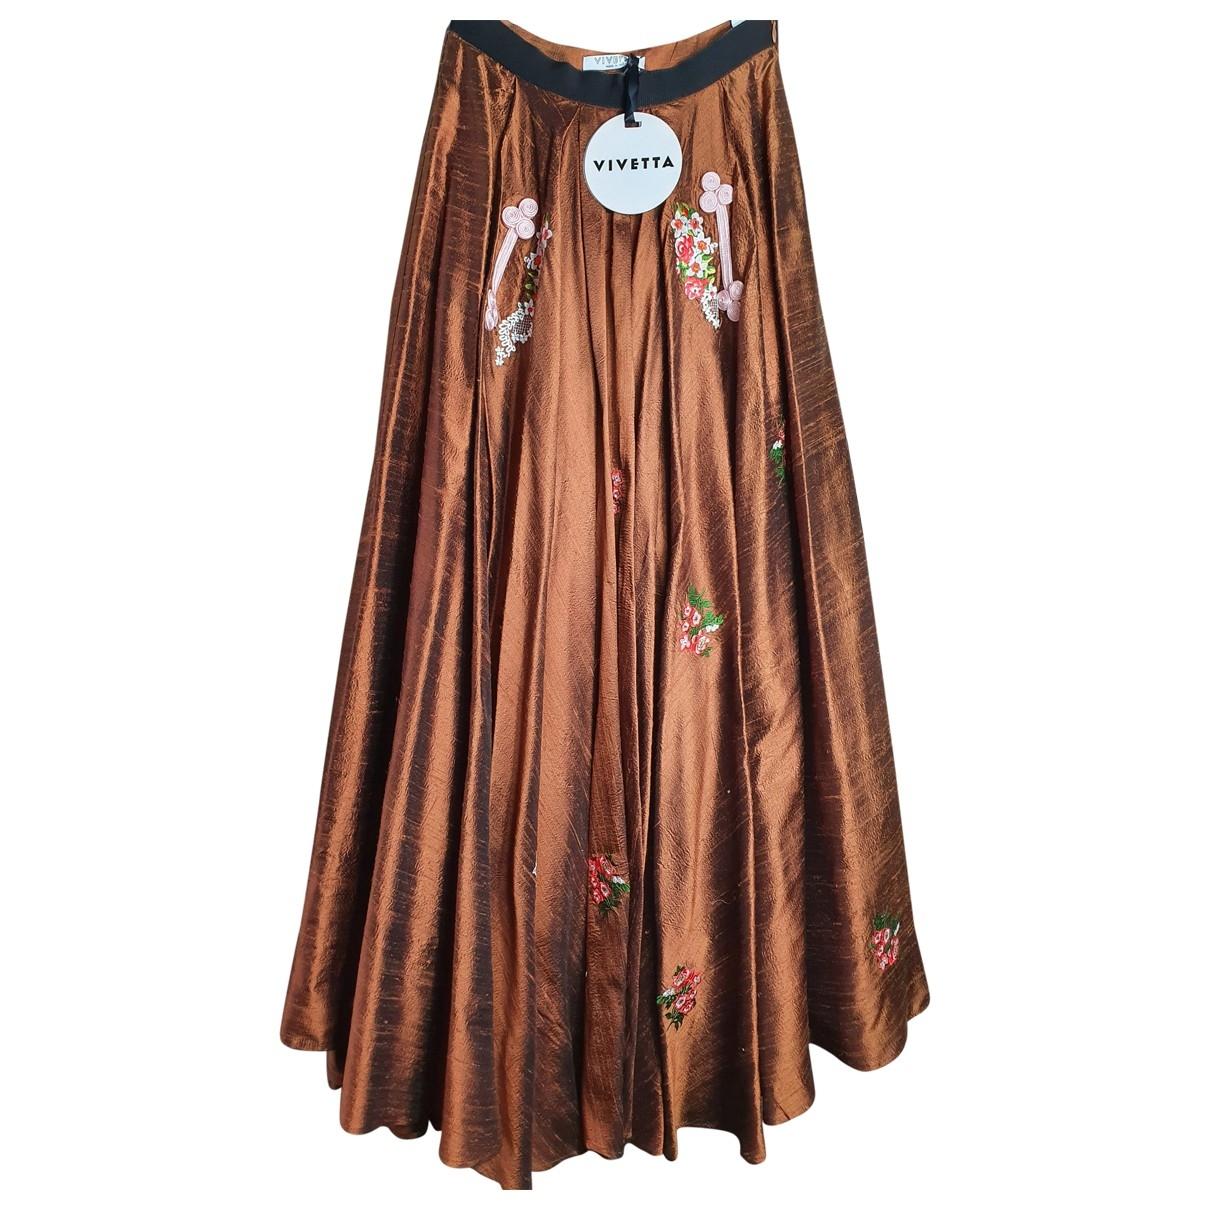 Vivetta - Jupe   pour femme en soie - marron